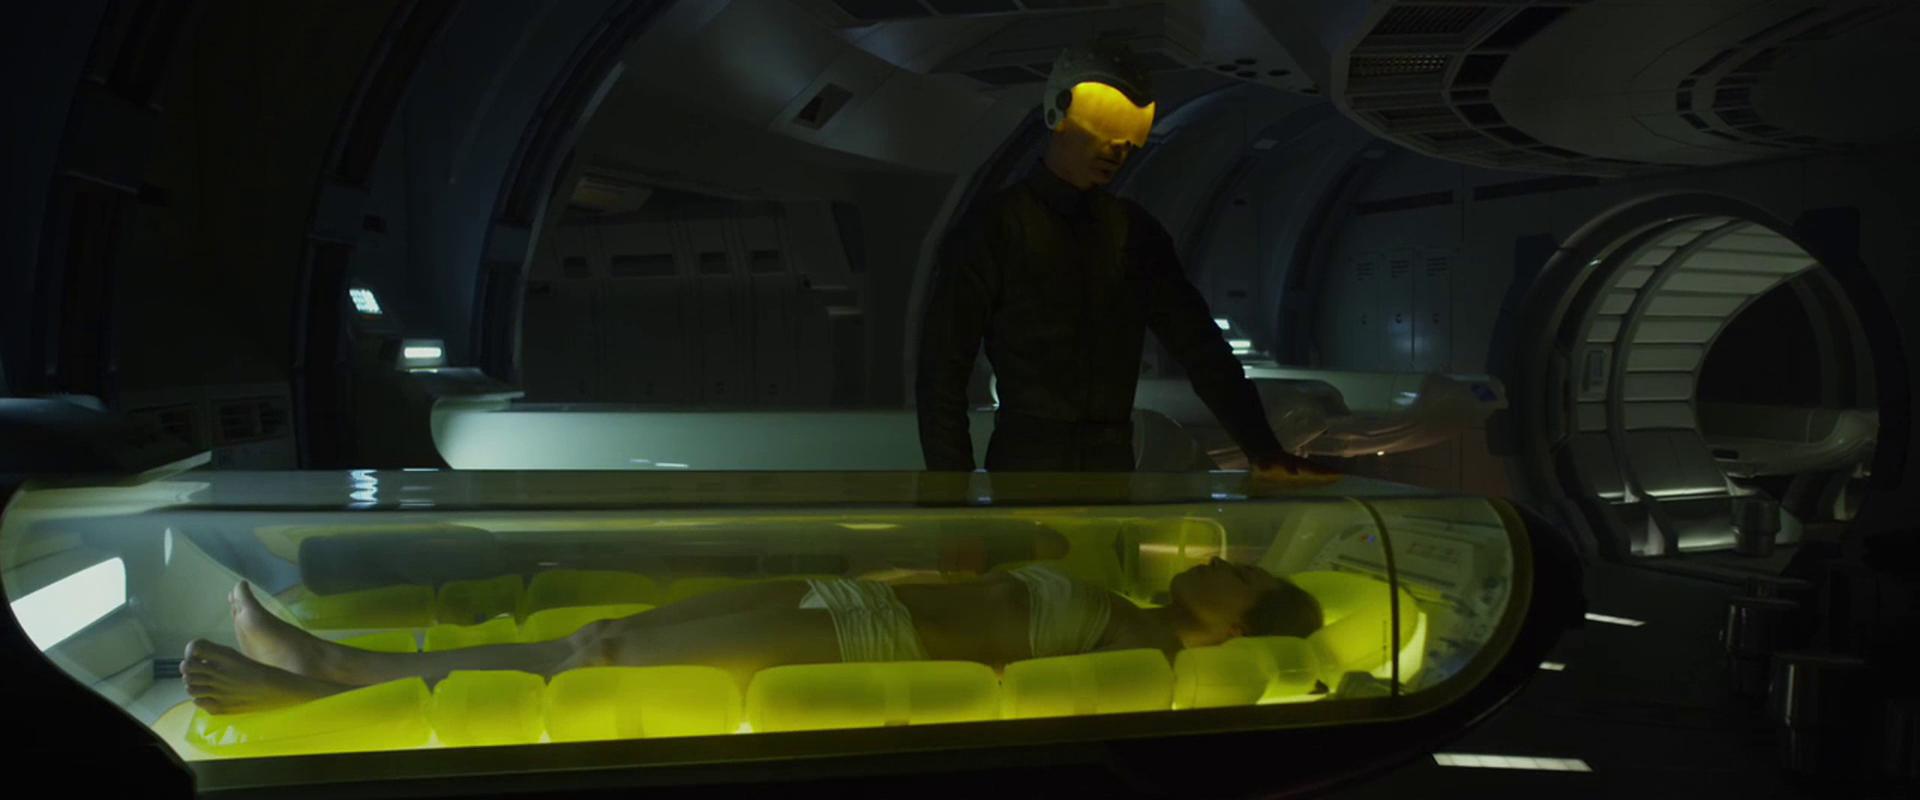 I filmen Prometheus ble passasjerene ombord på skipet lagt i dvale mens en robot passet på skipet. Foto: 20th Century Fox